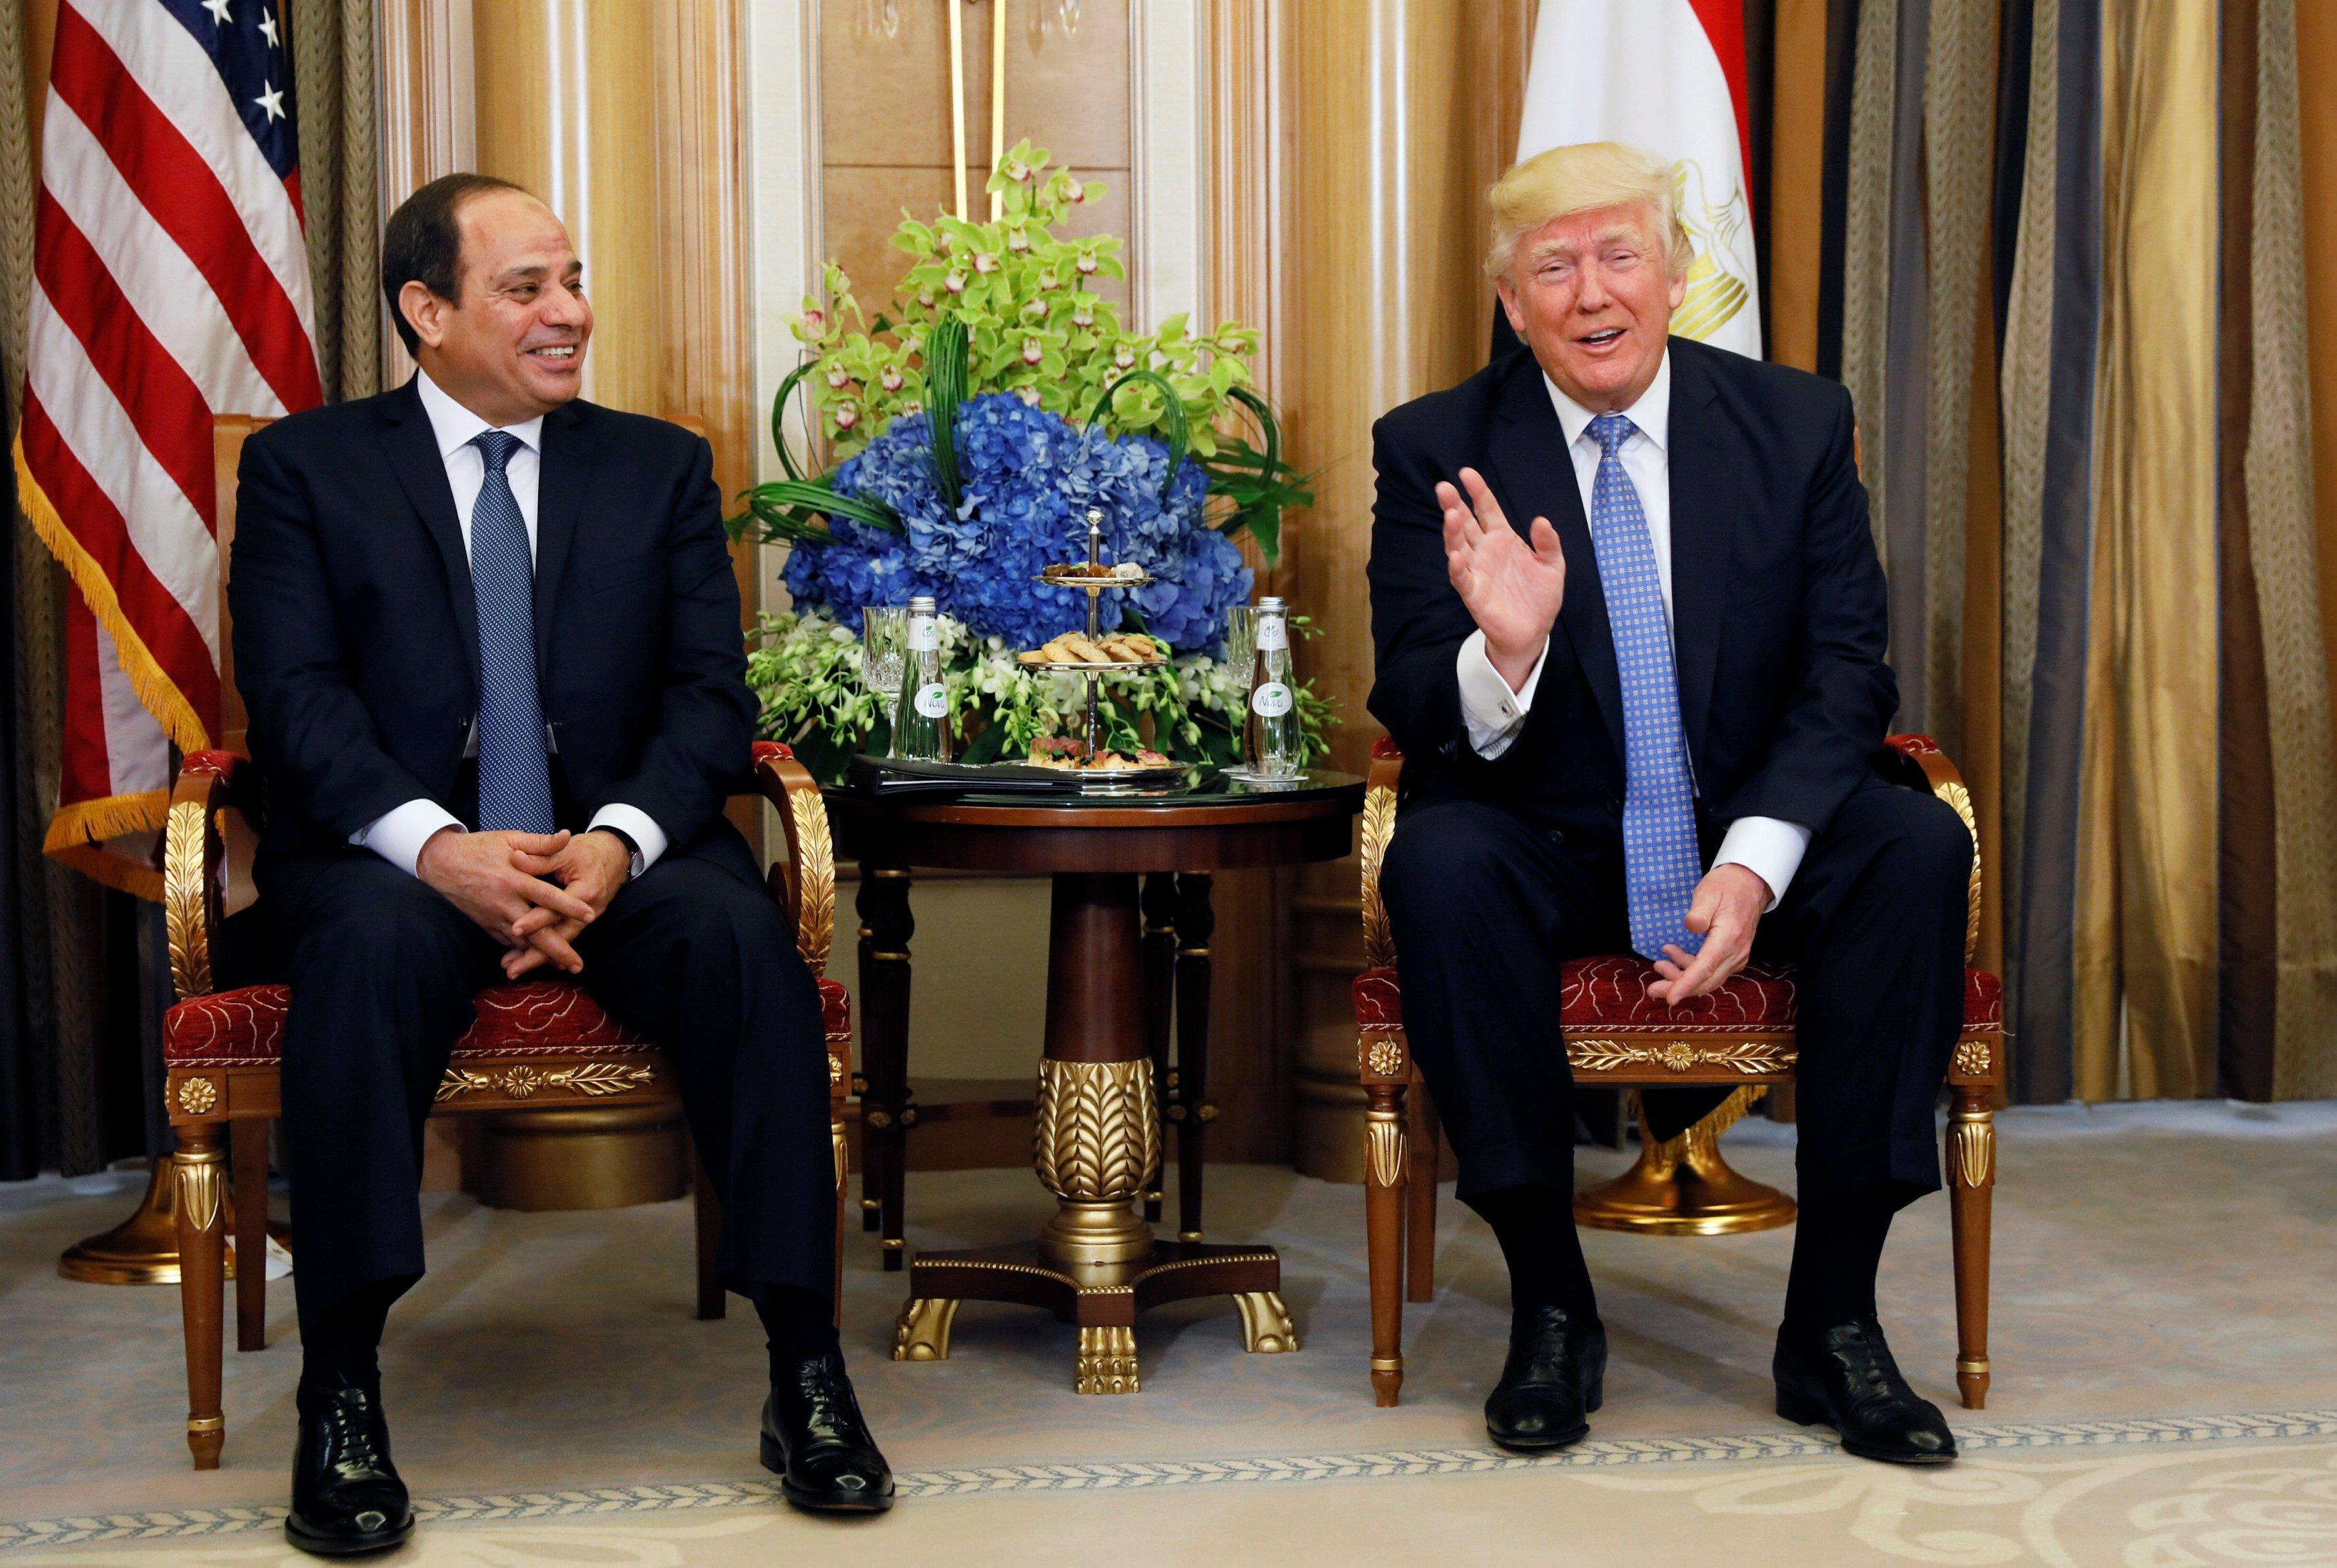 انطلاق المباحثات بين الرئيس السيسي ونظيره الأمريكي في نيويورك